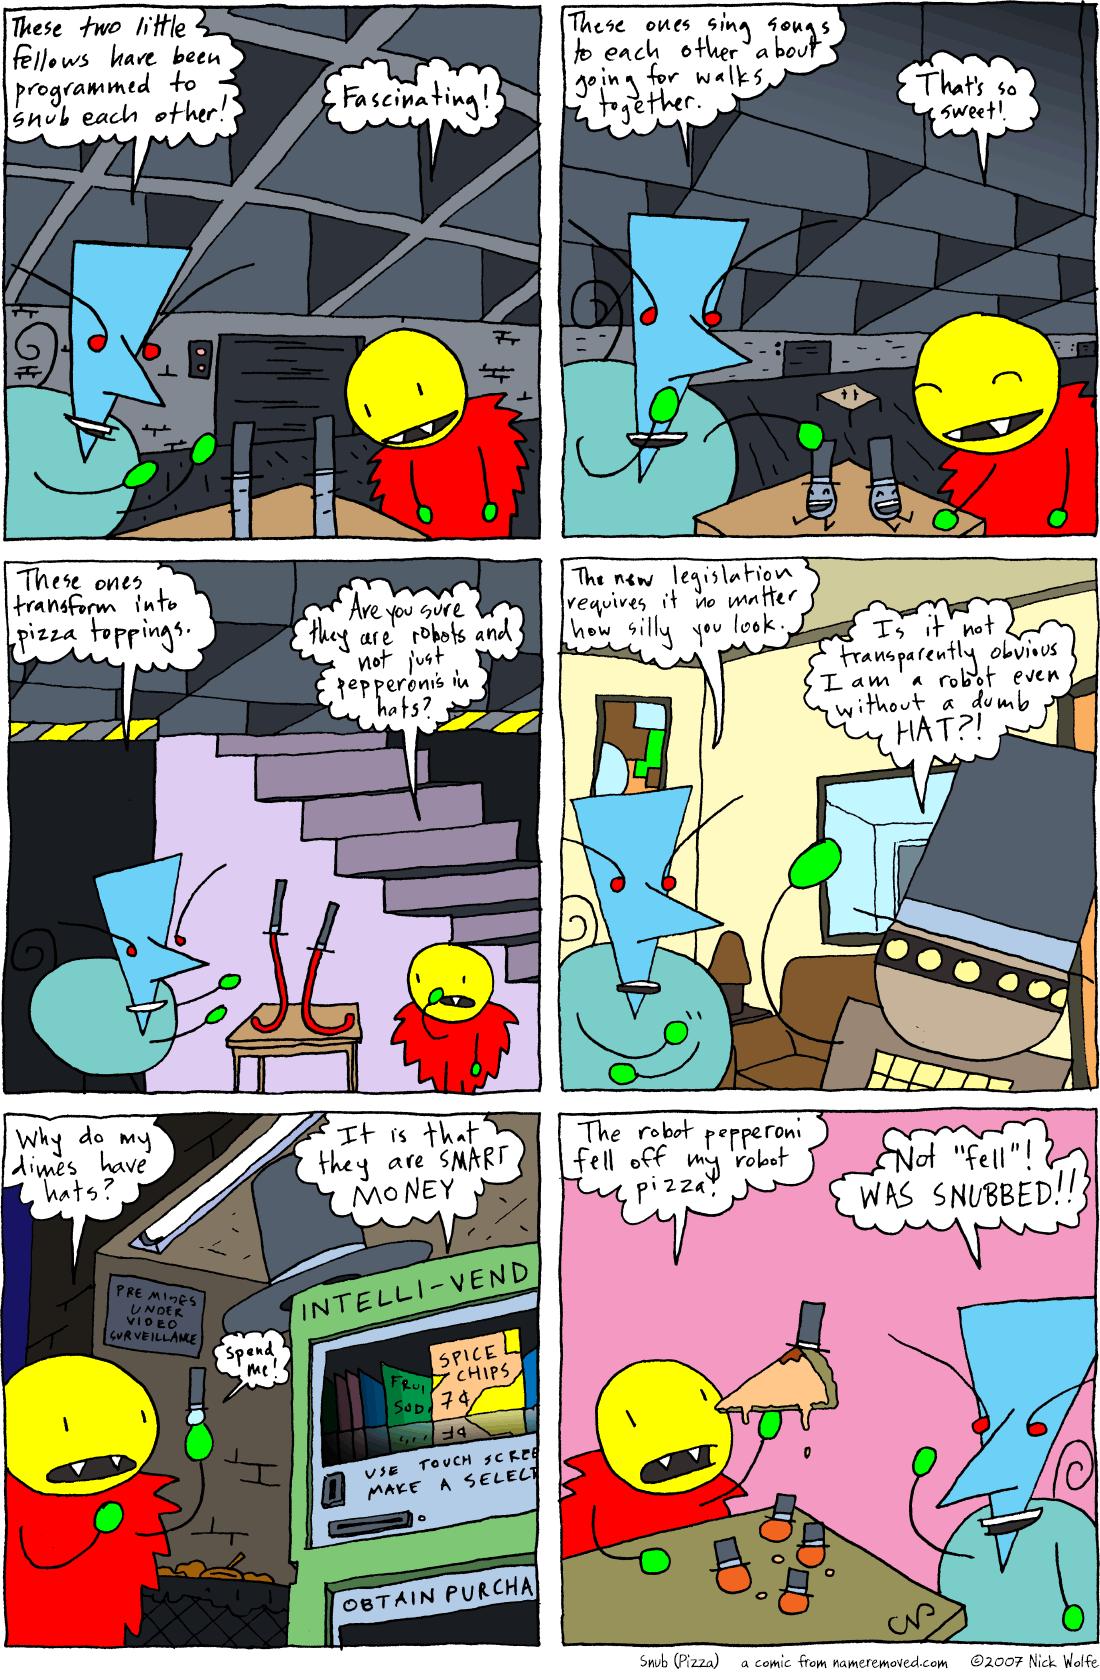 Snub (Pizza)